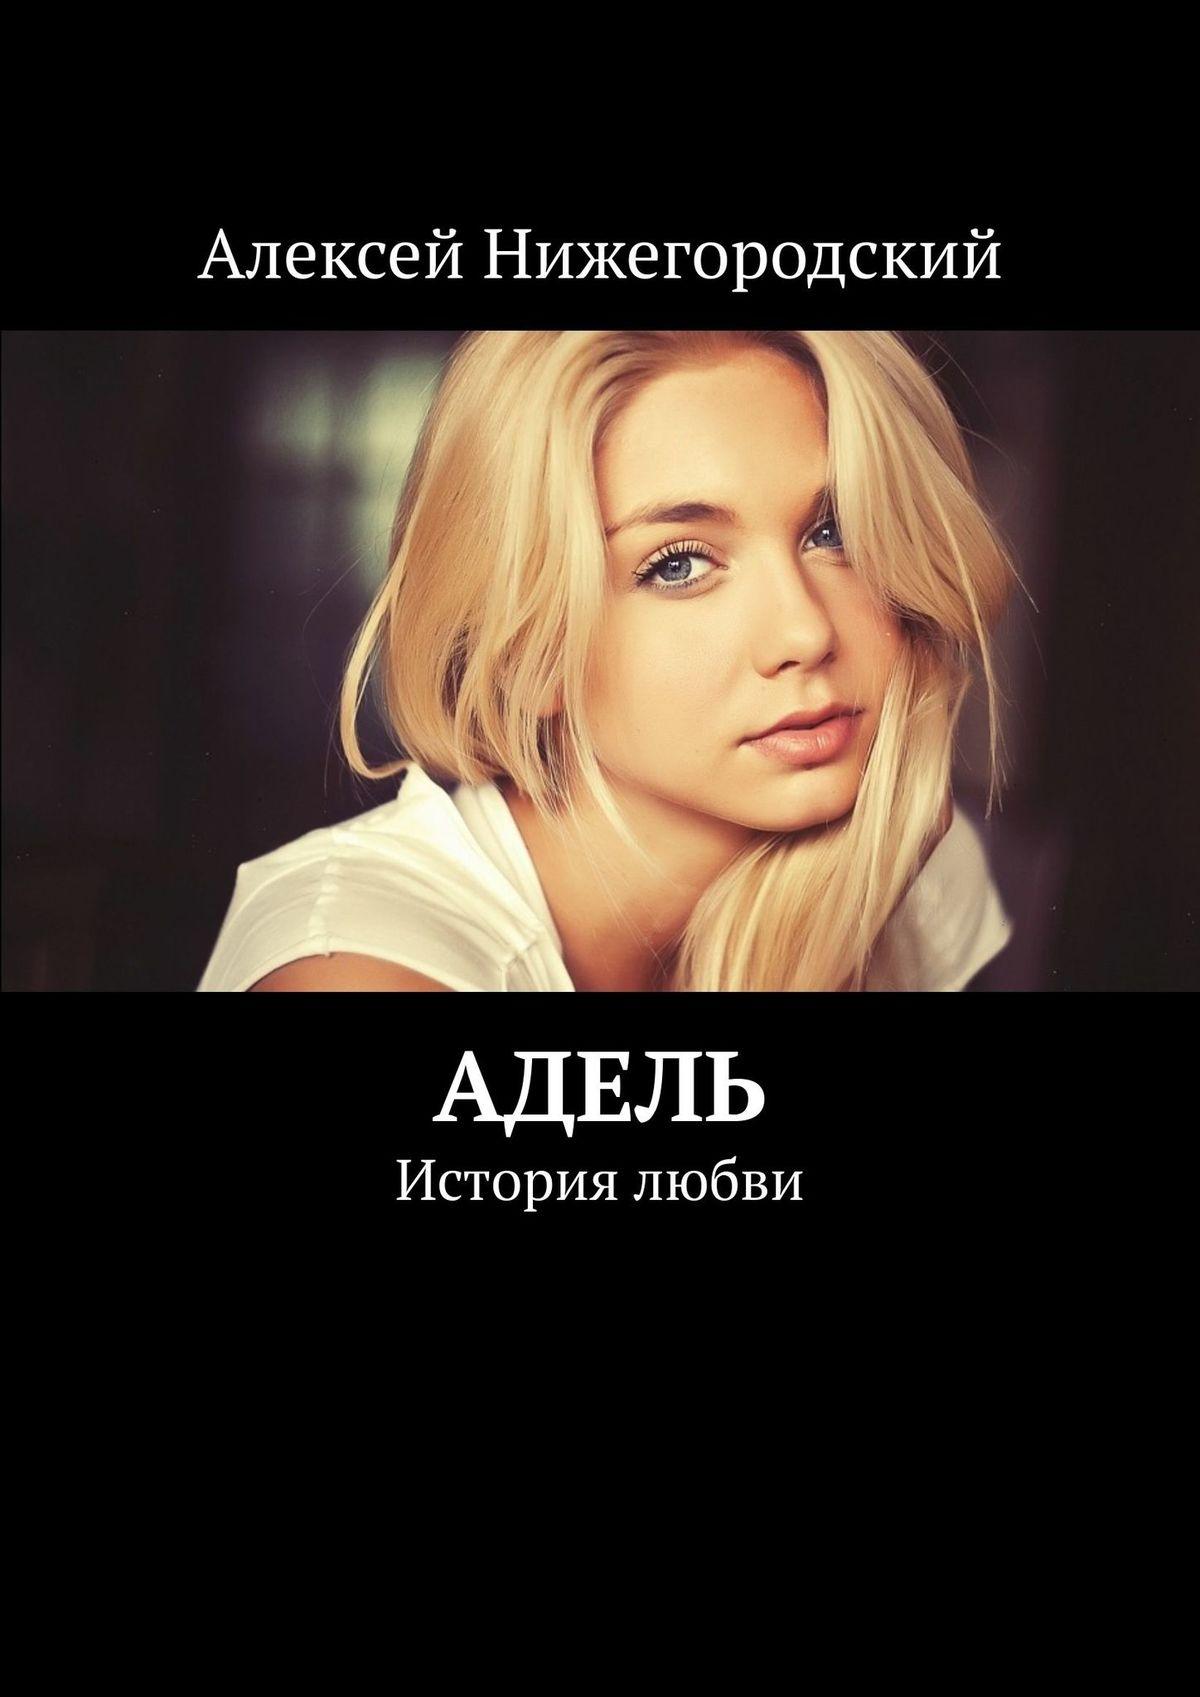 Алексей Нижегородский Адель. История любви